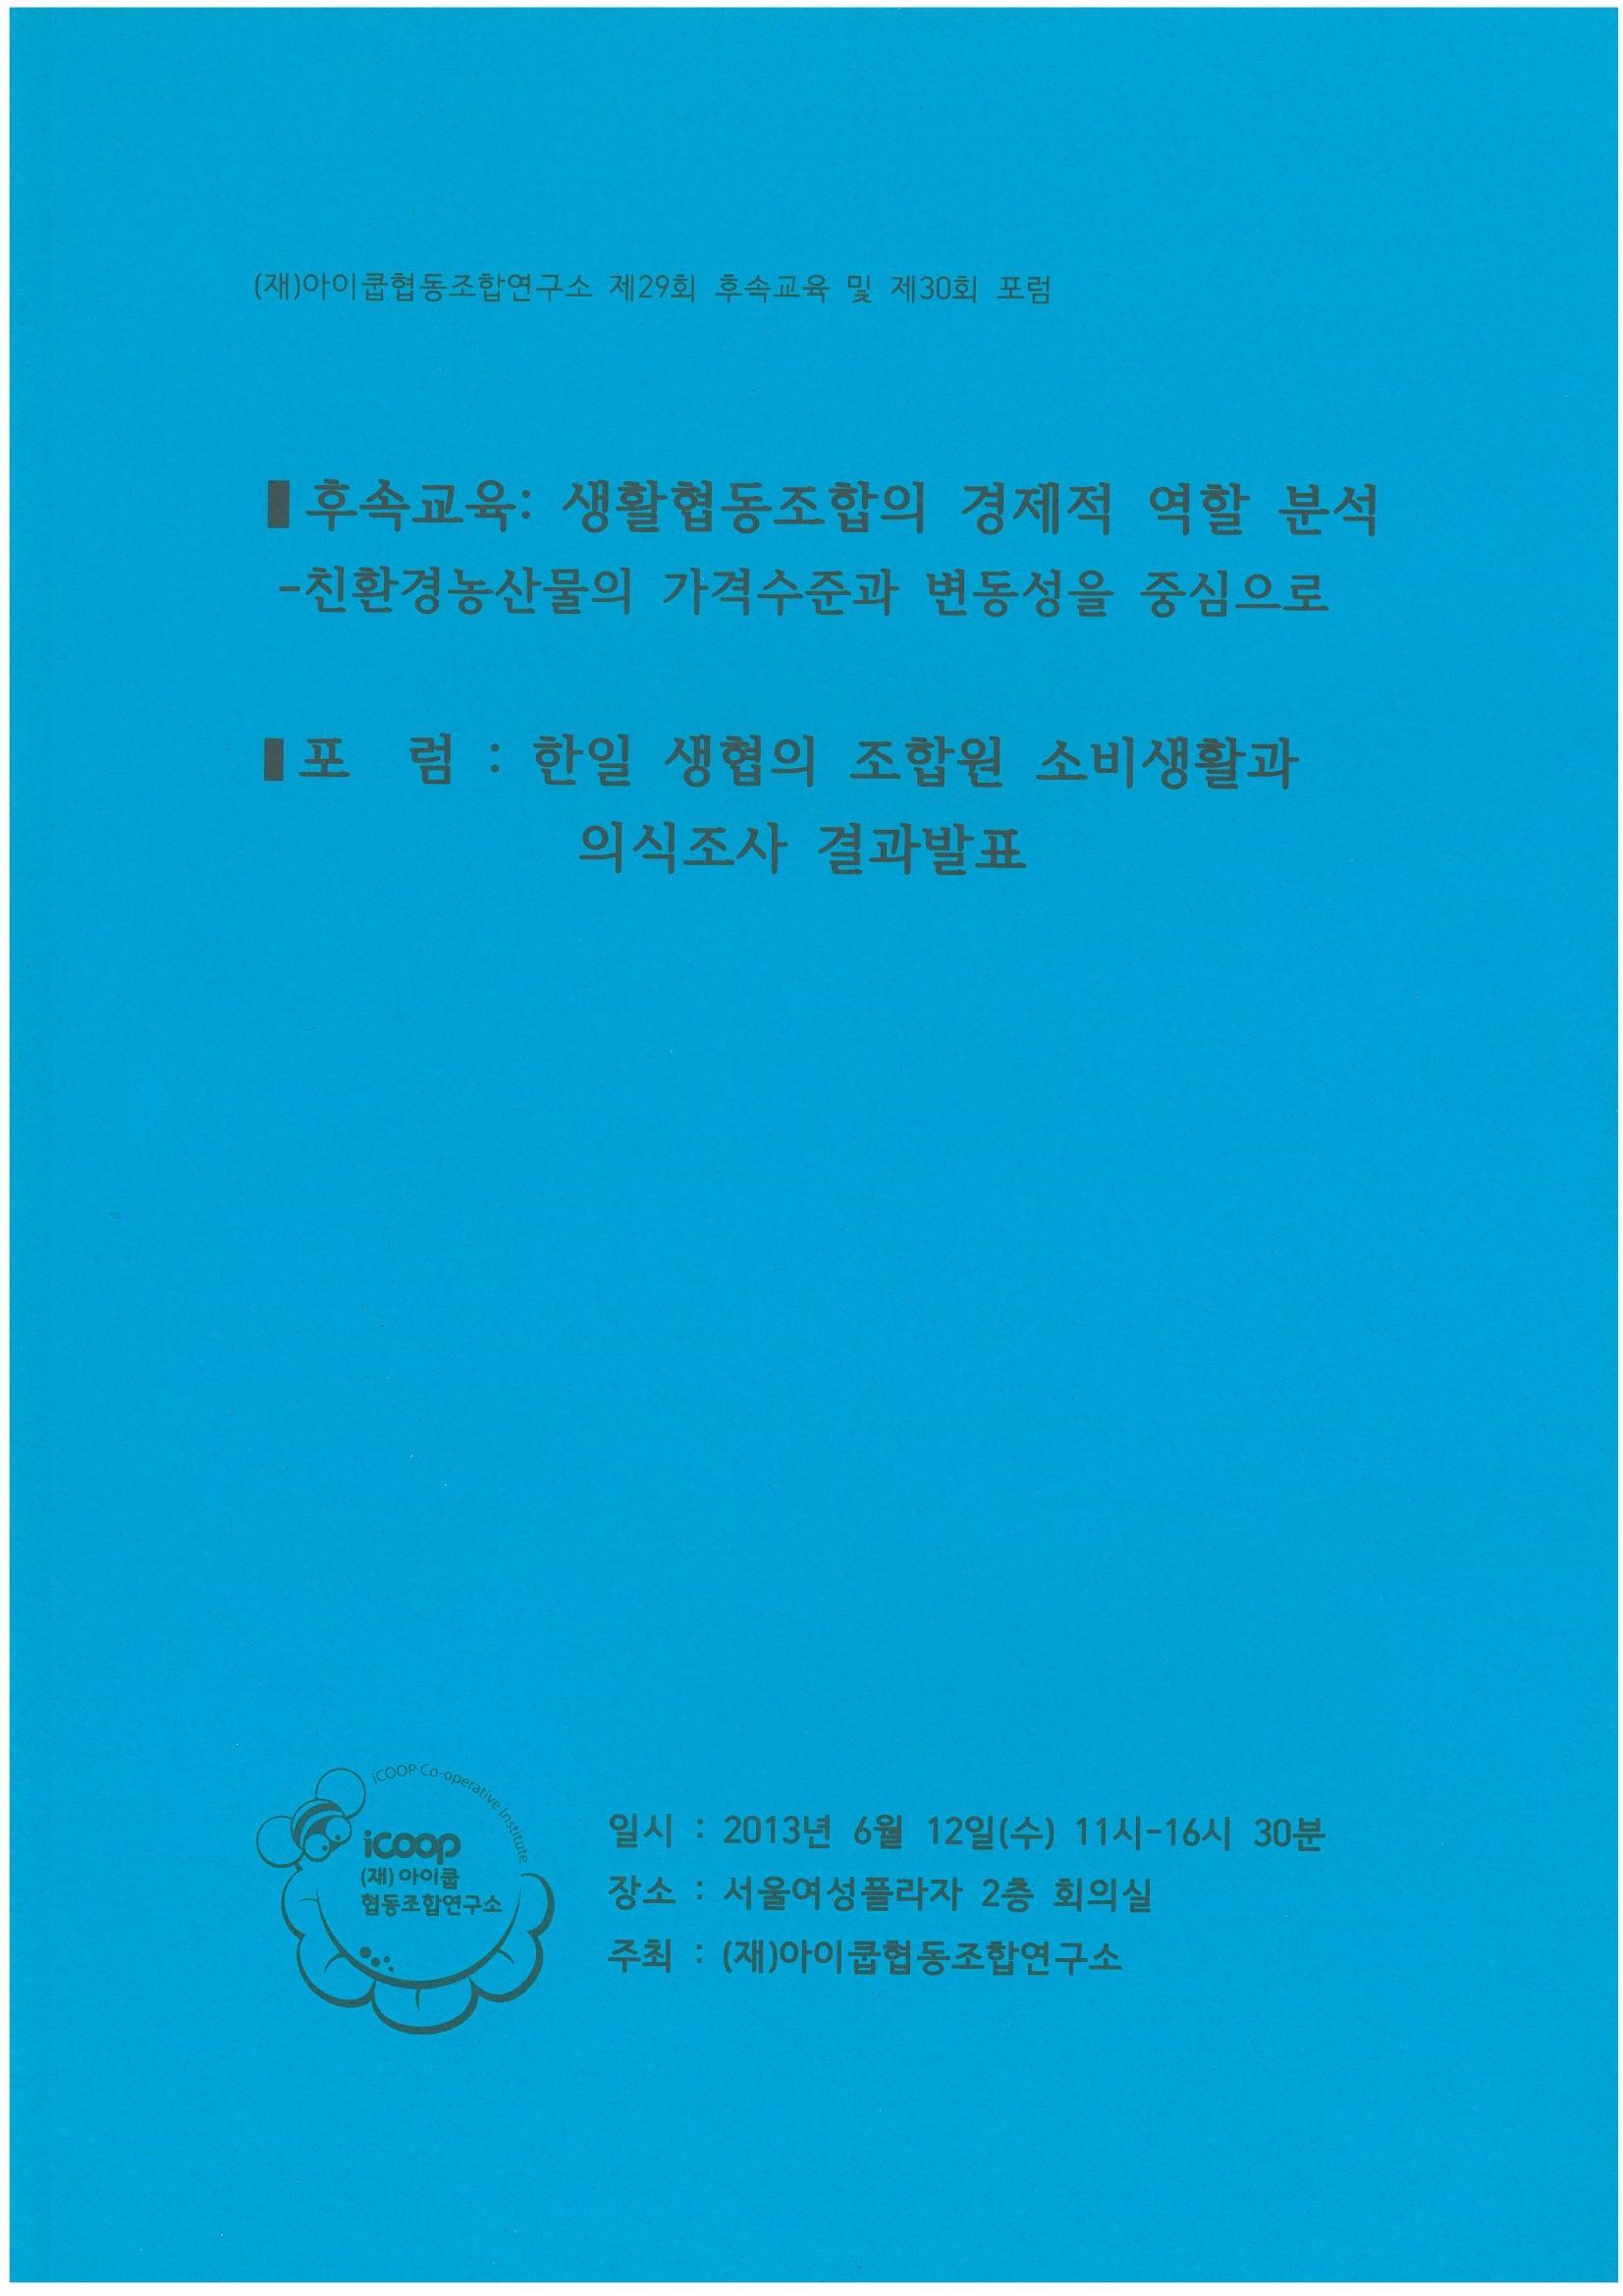 124_(제30회 포럼 자료집) 『한일 생협의 조합원 소비생활과 의식조사 결과발표』_표지.jpg